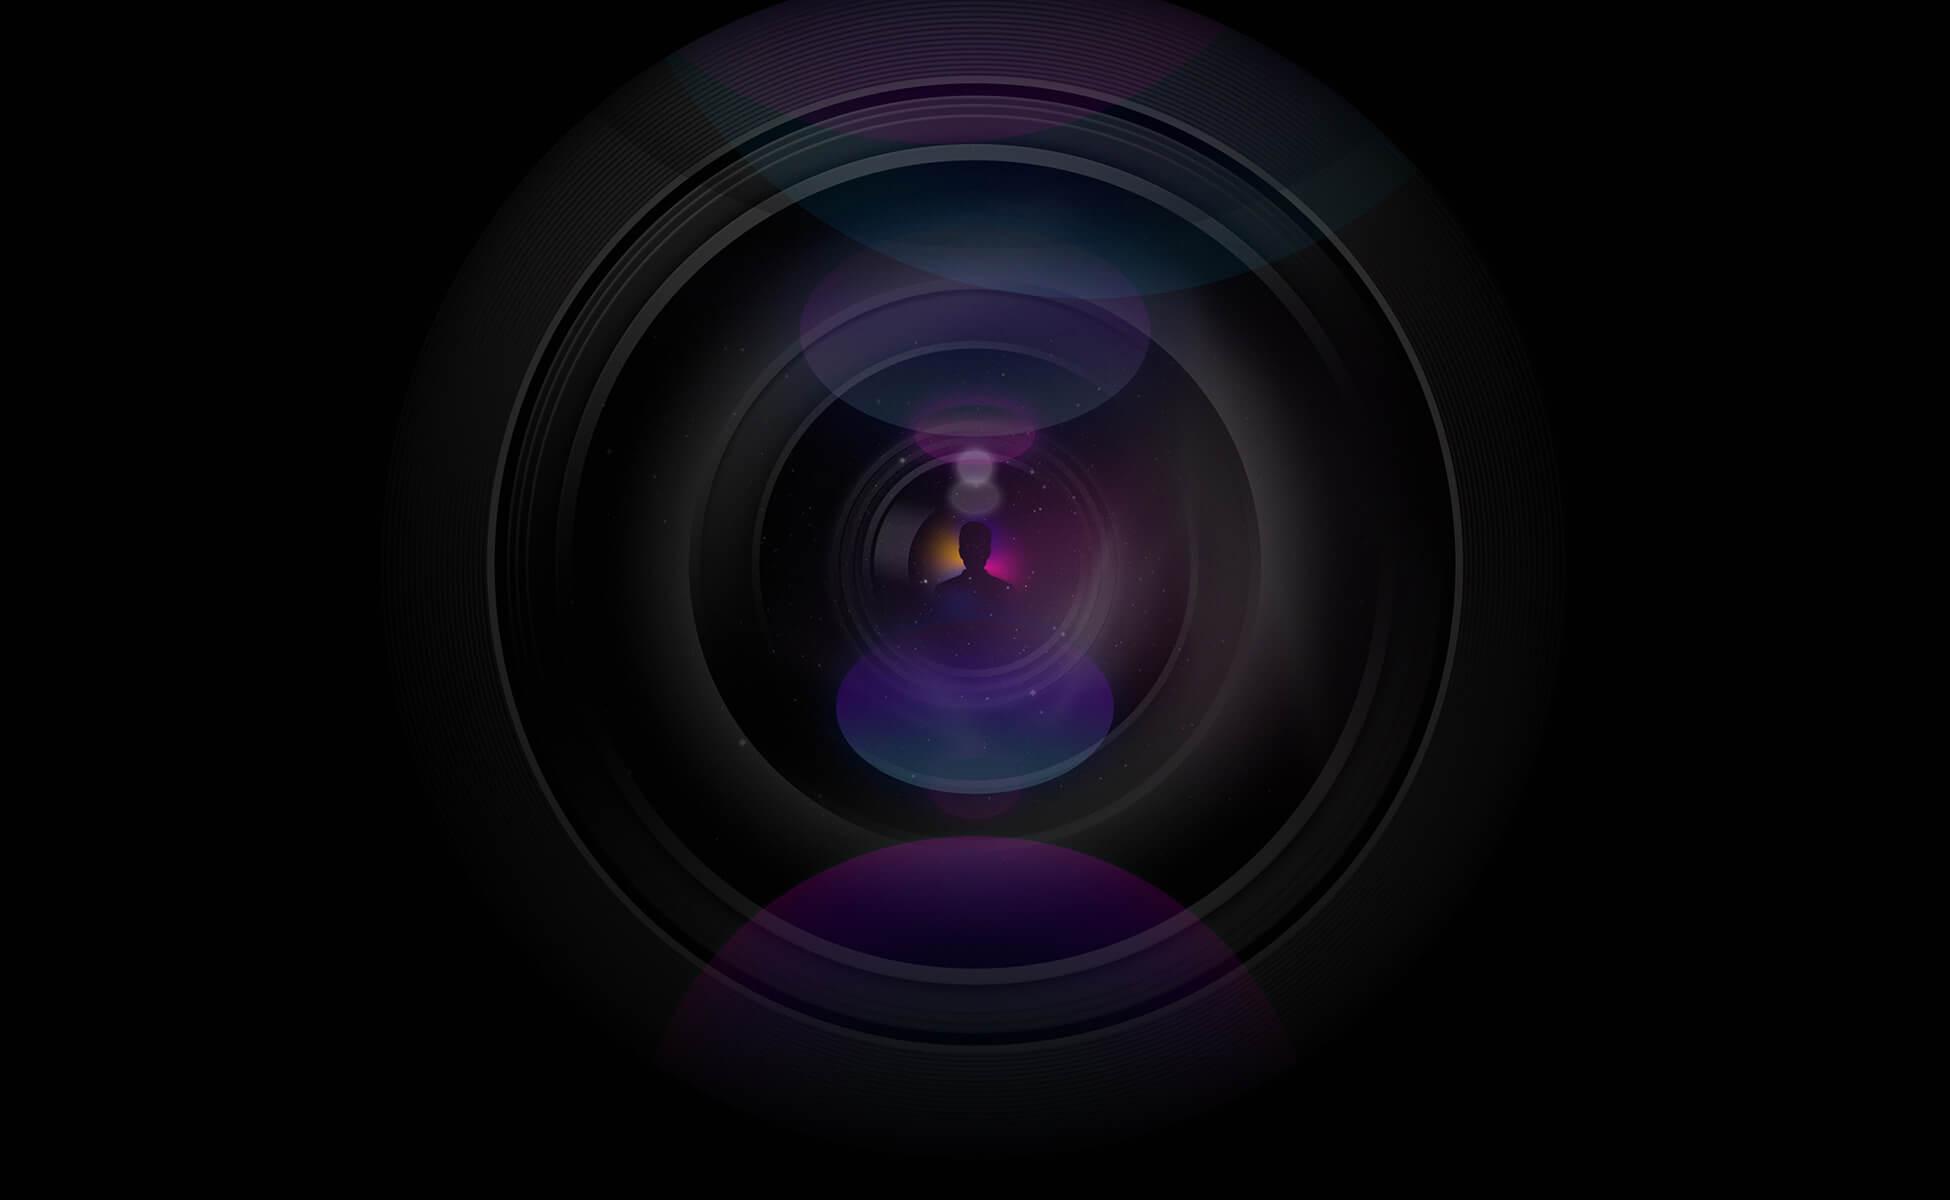 κάμερες-παρακολούθησης-στο-βόλο